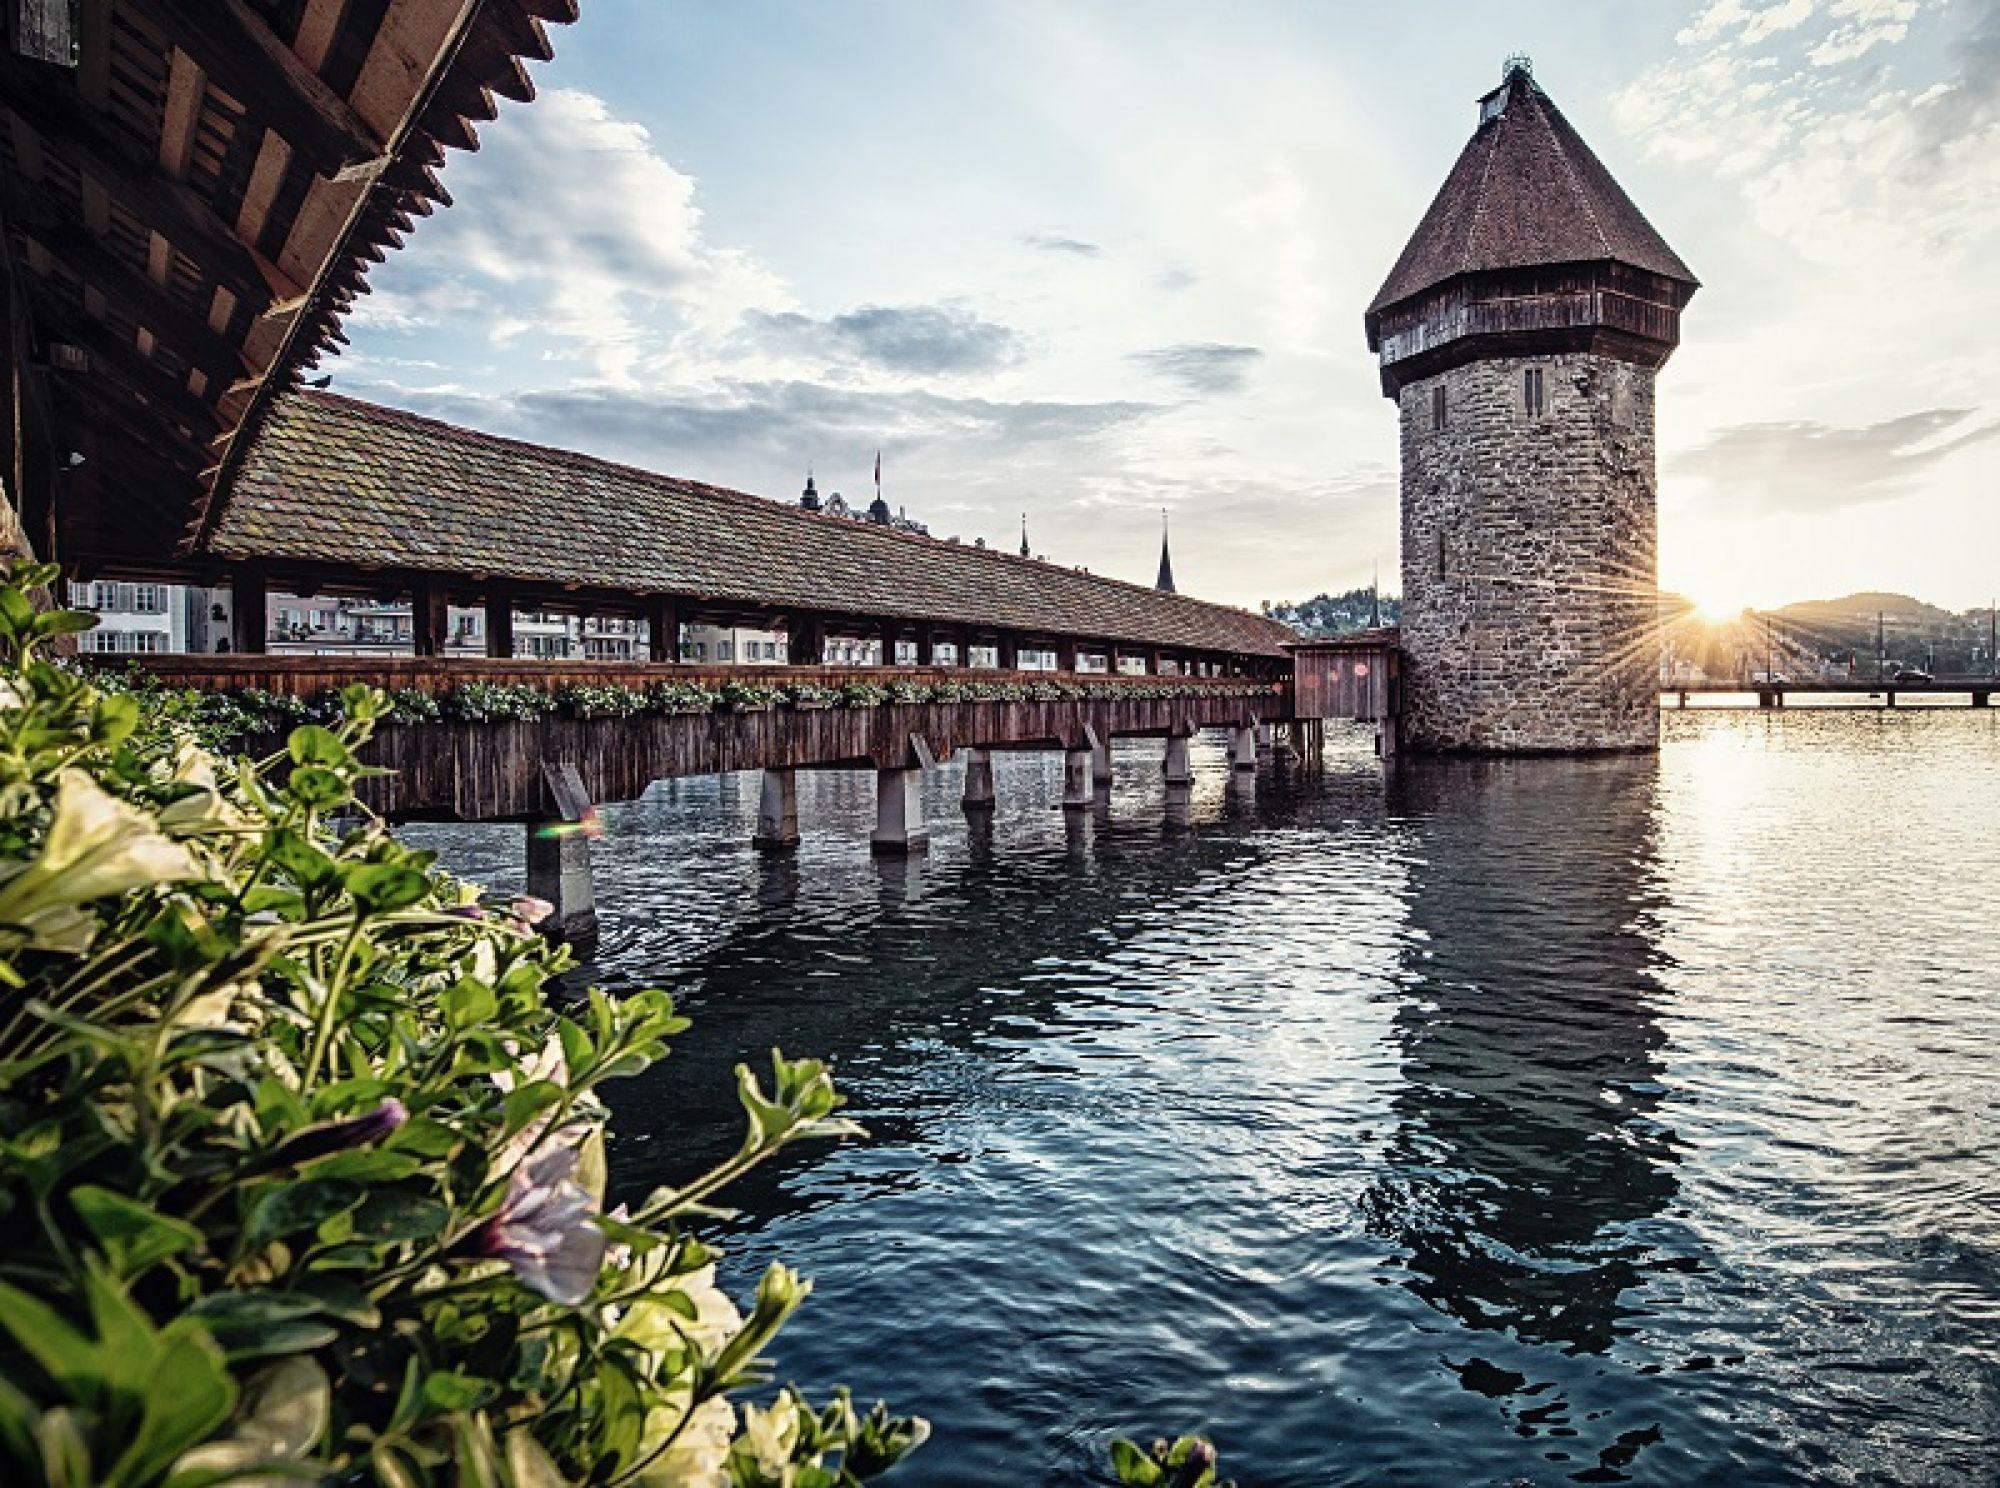 Handy Reparatur in Luzern